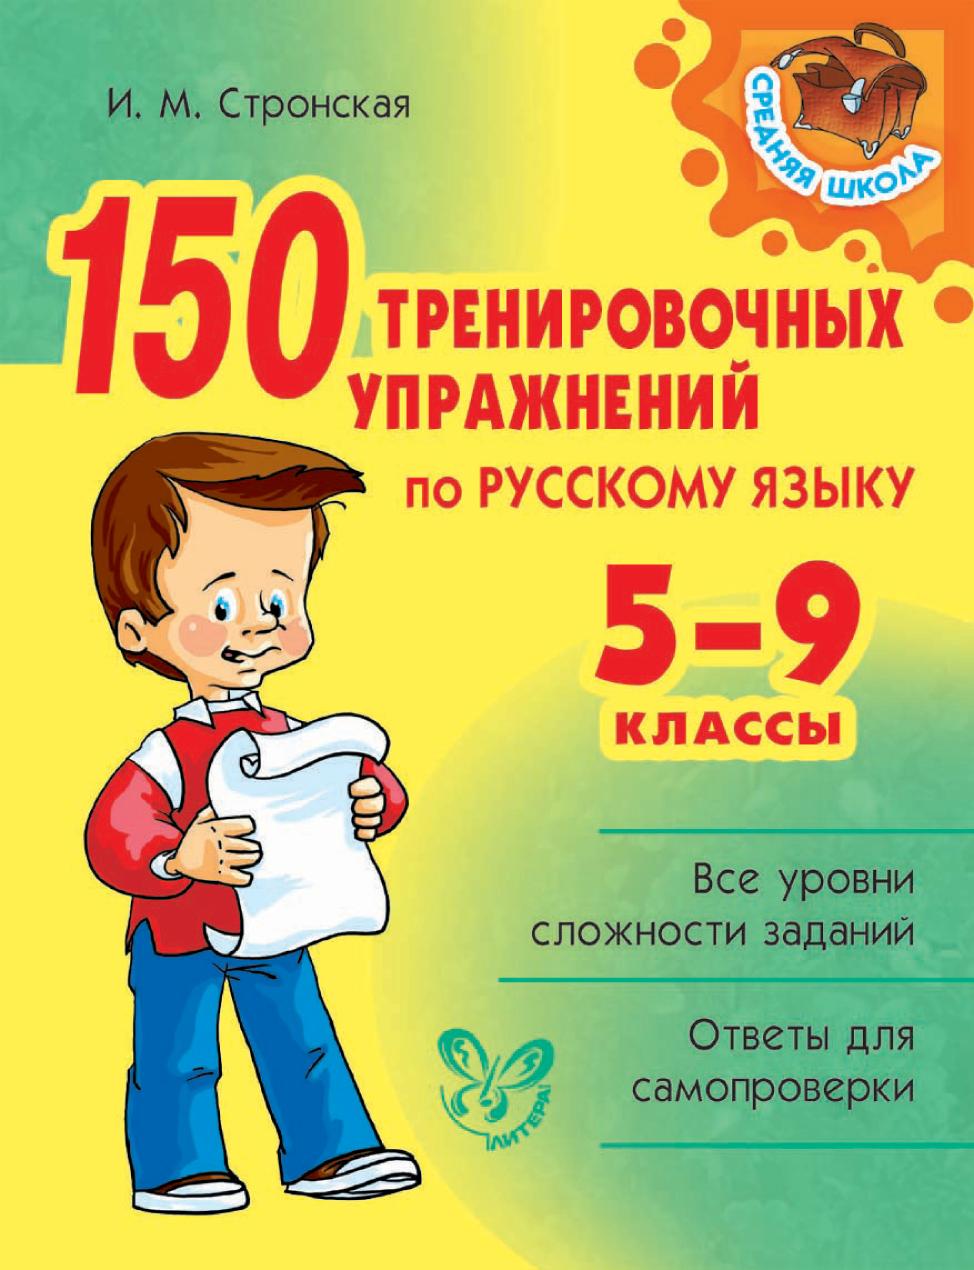 И. М. Стронская 150 тренировочных упражнений по русскому языку. 5-9 классы стронская и м 150 тренировочных упражнений по русскому языку 5 9 классы